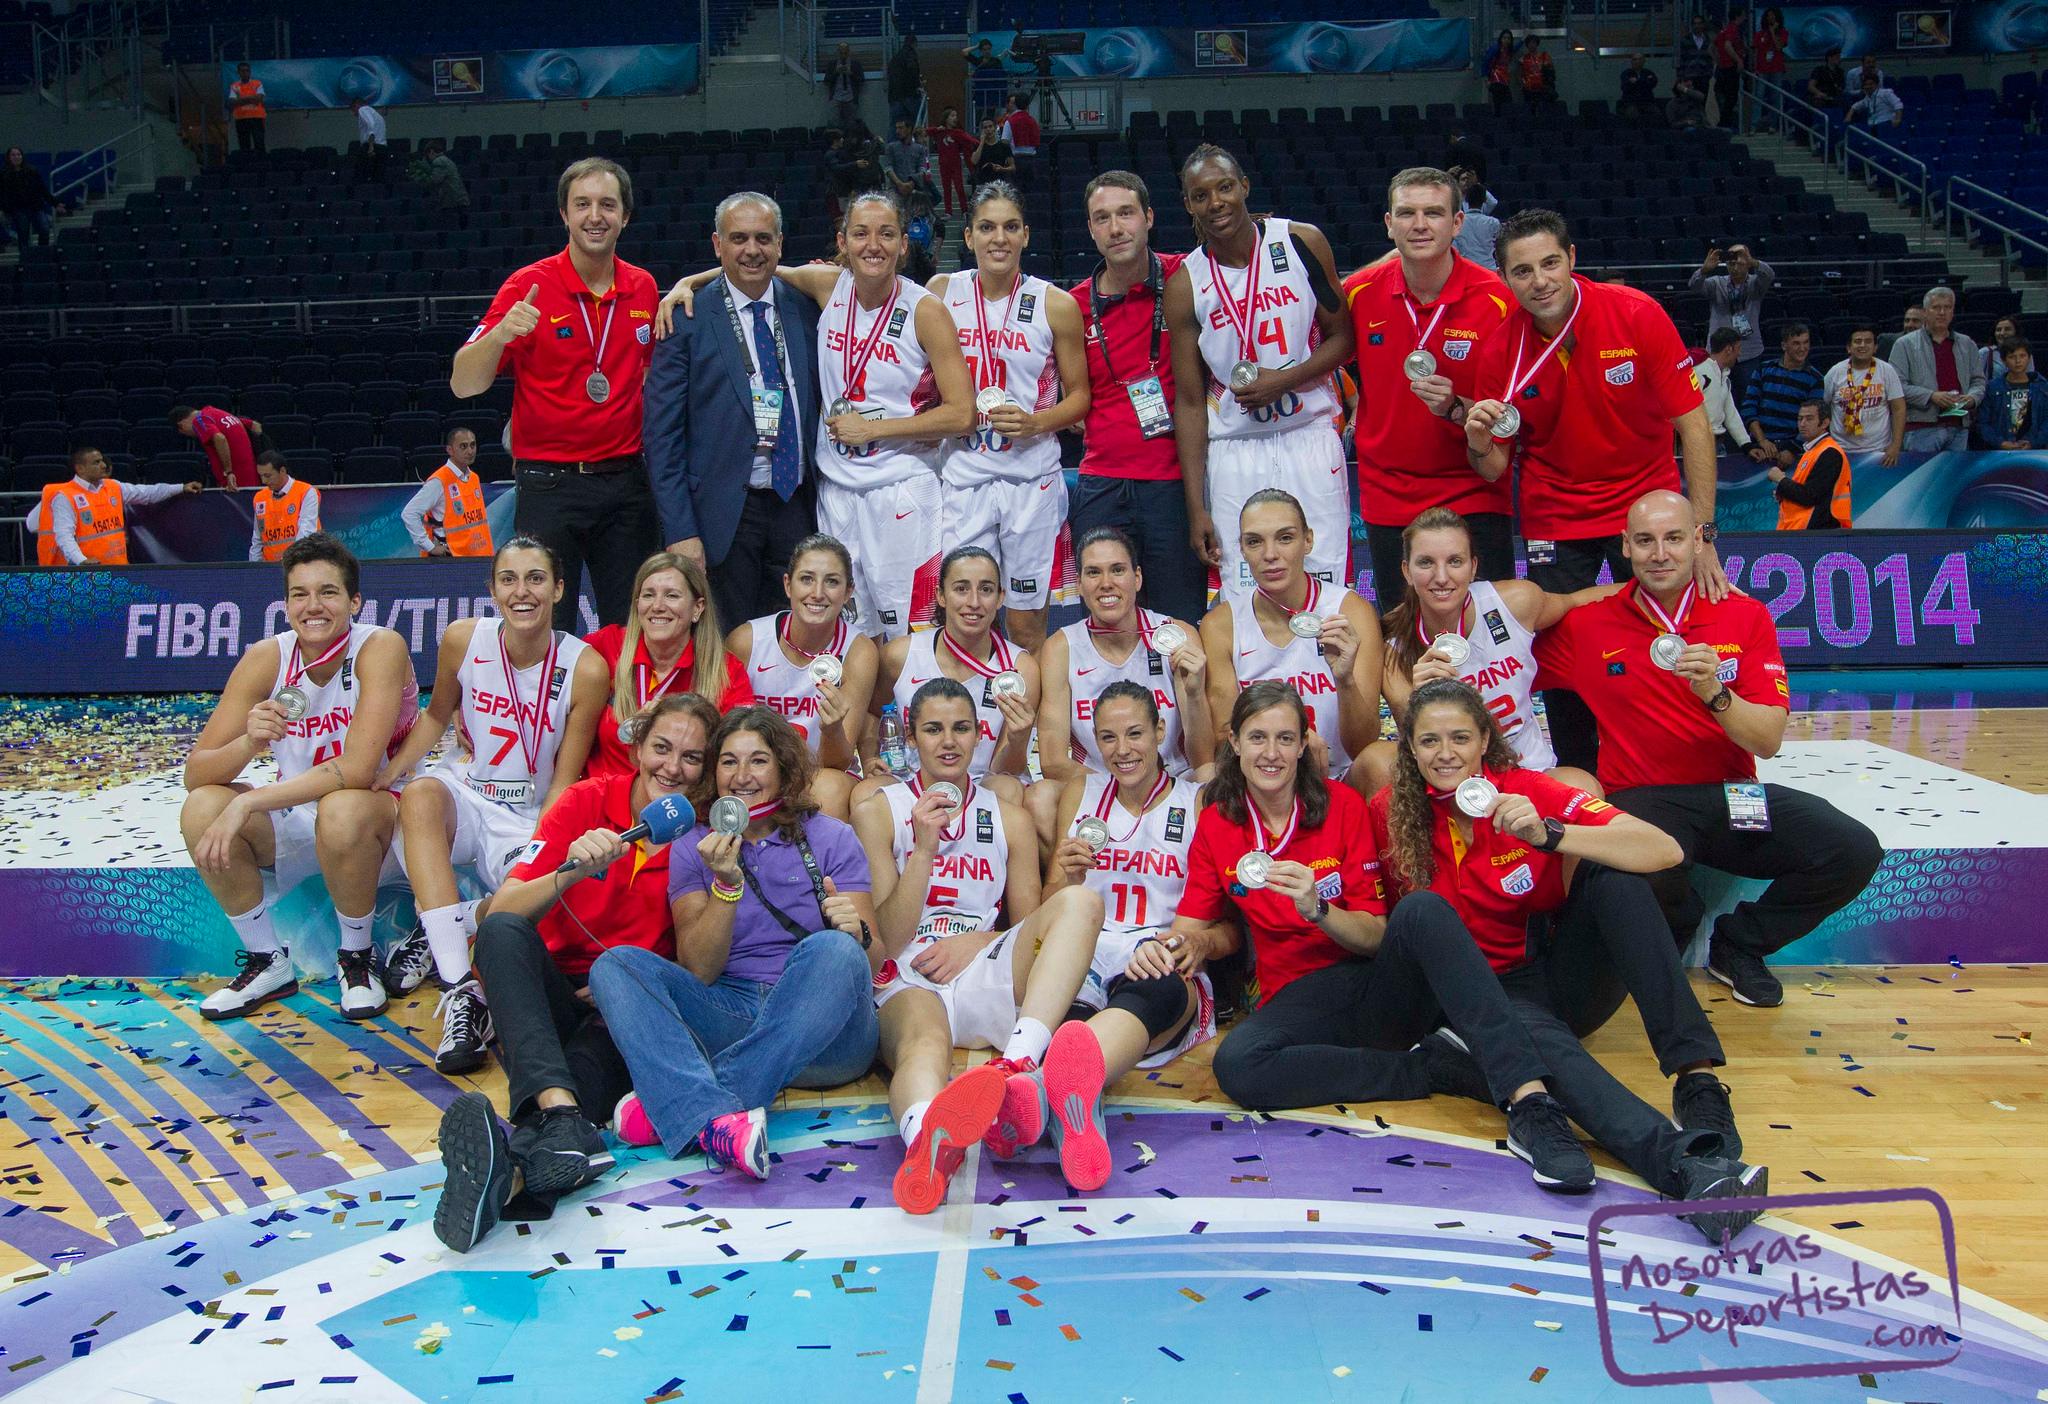 ¡Plata para la Selección Femenina de Baloncesto en el Mundial de Turquía!